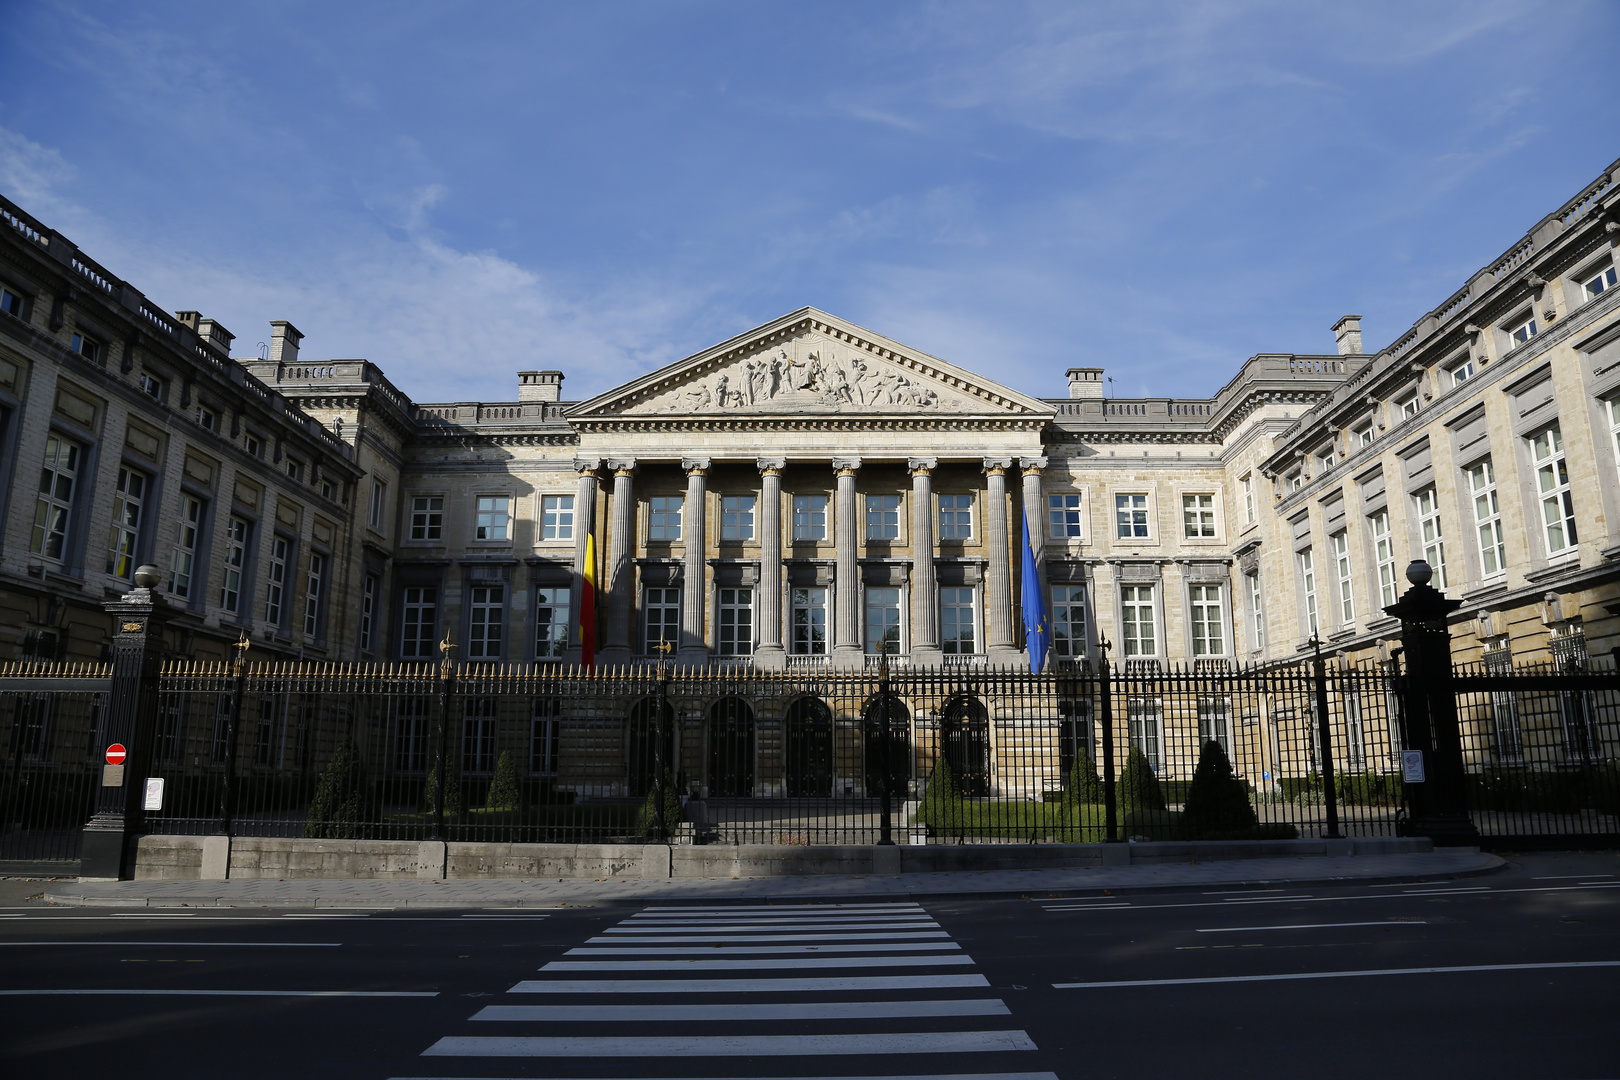 Brüssel - Palast der Nation